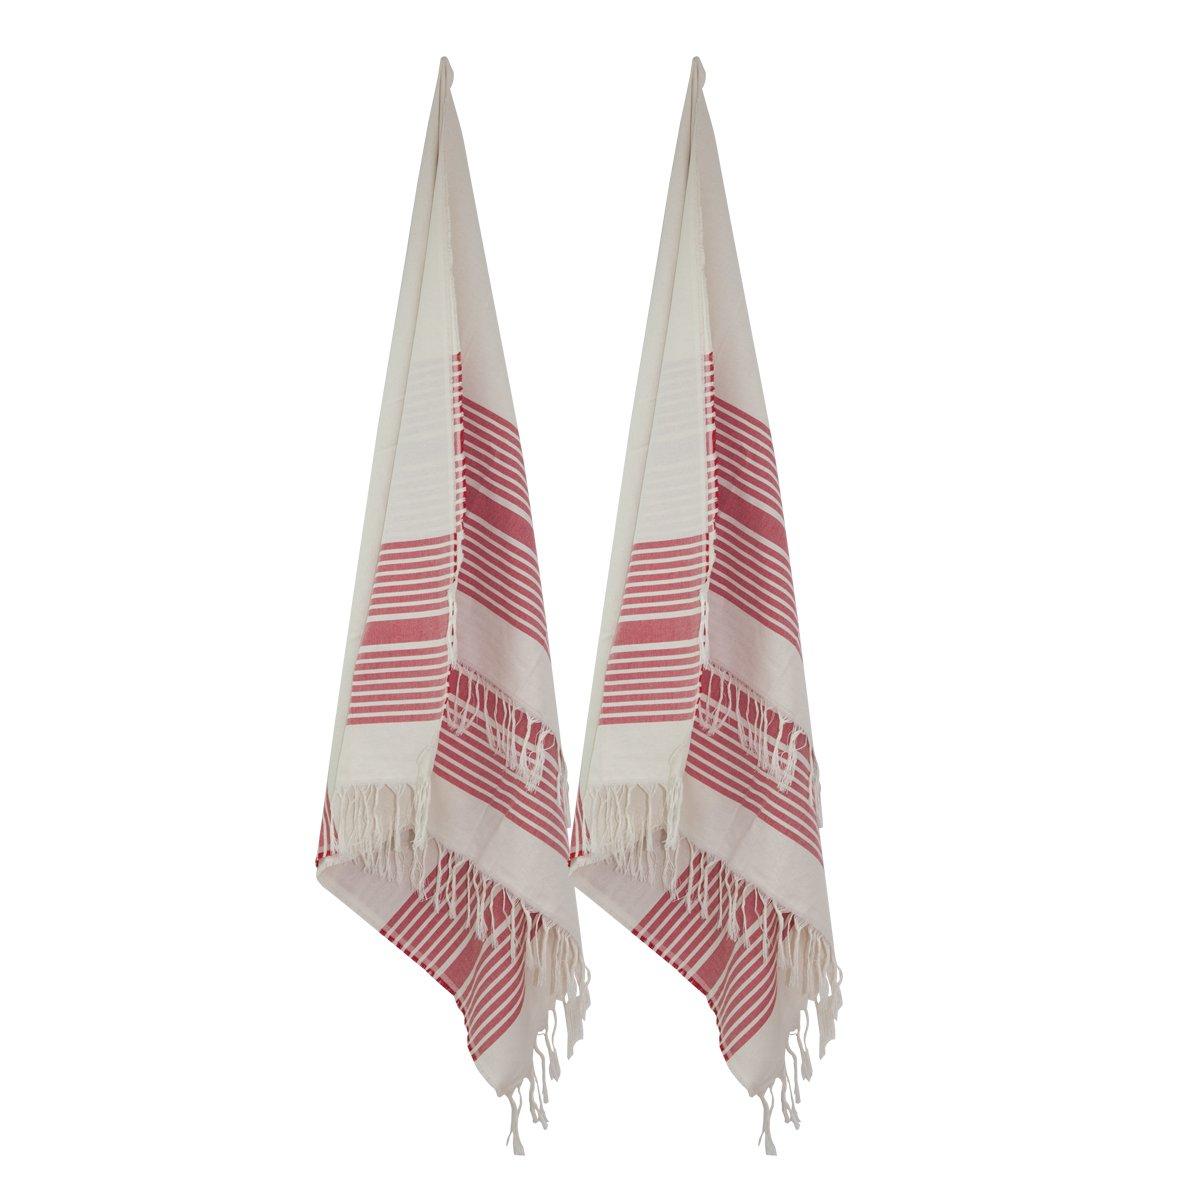 Decocasa Pack 2 Toallas Doble FAZ para Playa Piscina Pareo 100% Algodón -Rojo (Diseño 5): Amazon.es: Hogar